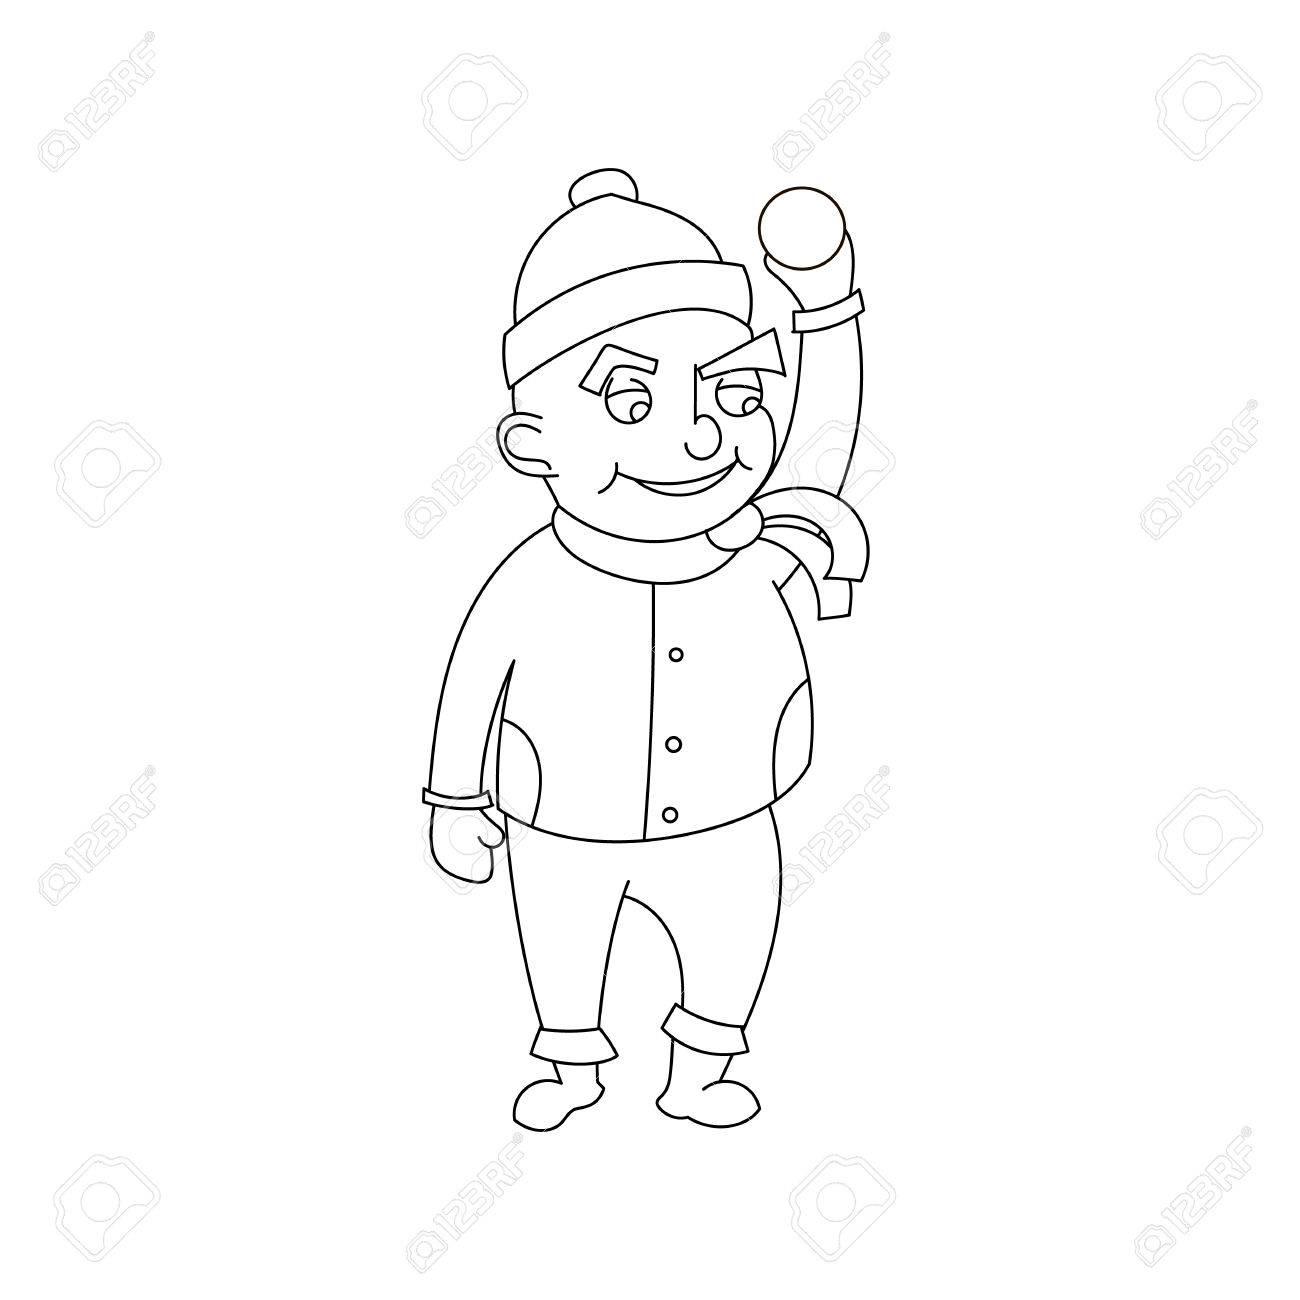 Niño Pequeño En Ropa De Invierno, Estilo De Dibujos Animados Aislado ...